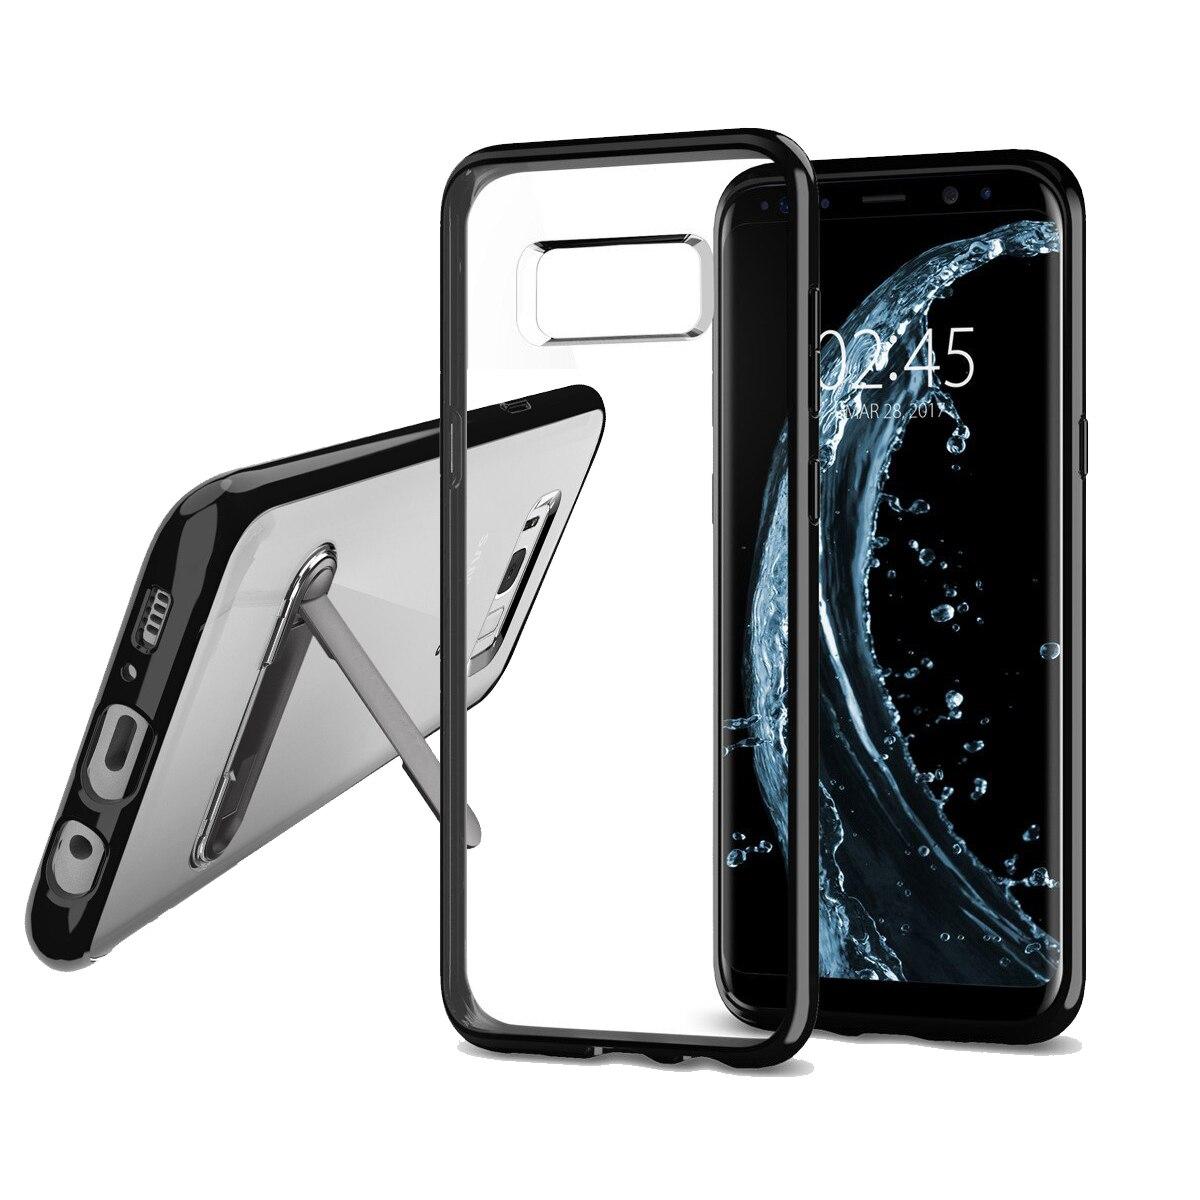 bilder für Original Ultra Hybrid Fall für Galaxy S8 S8 Plus TPU Rand + Durable PC Klar Zurück Mil-Grade Hybrid Cases für Samsung Galaxy S8